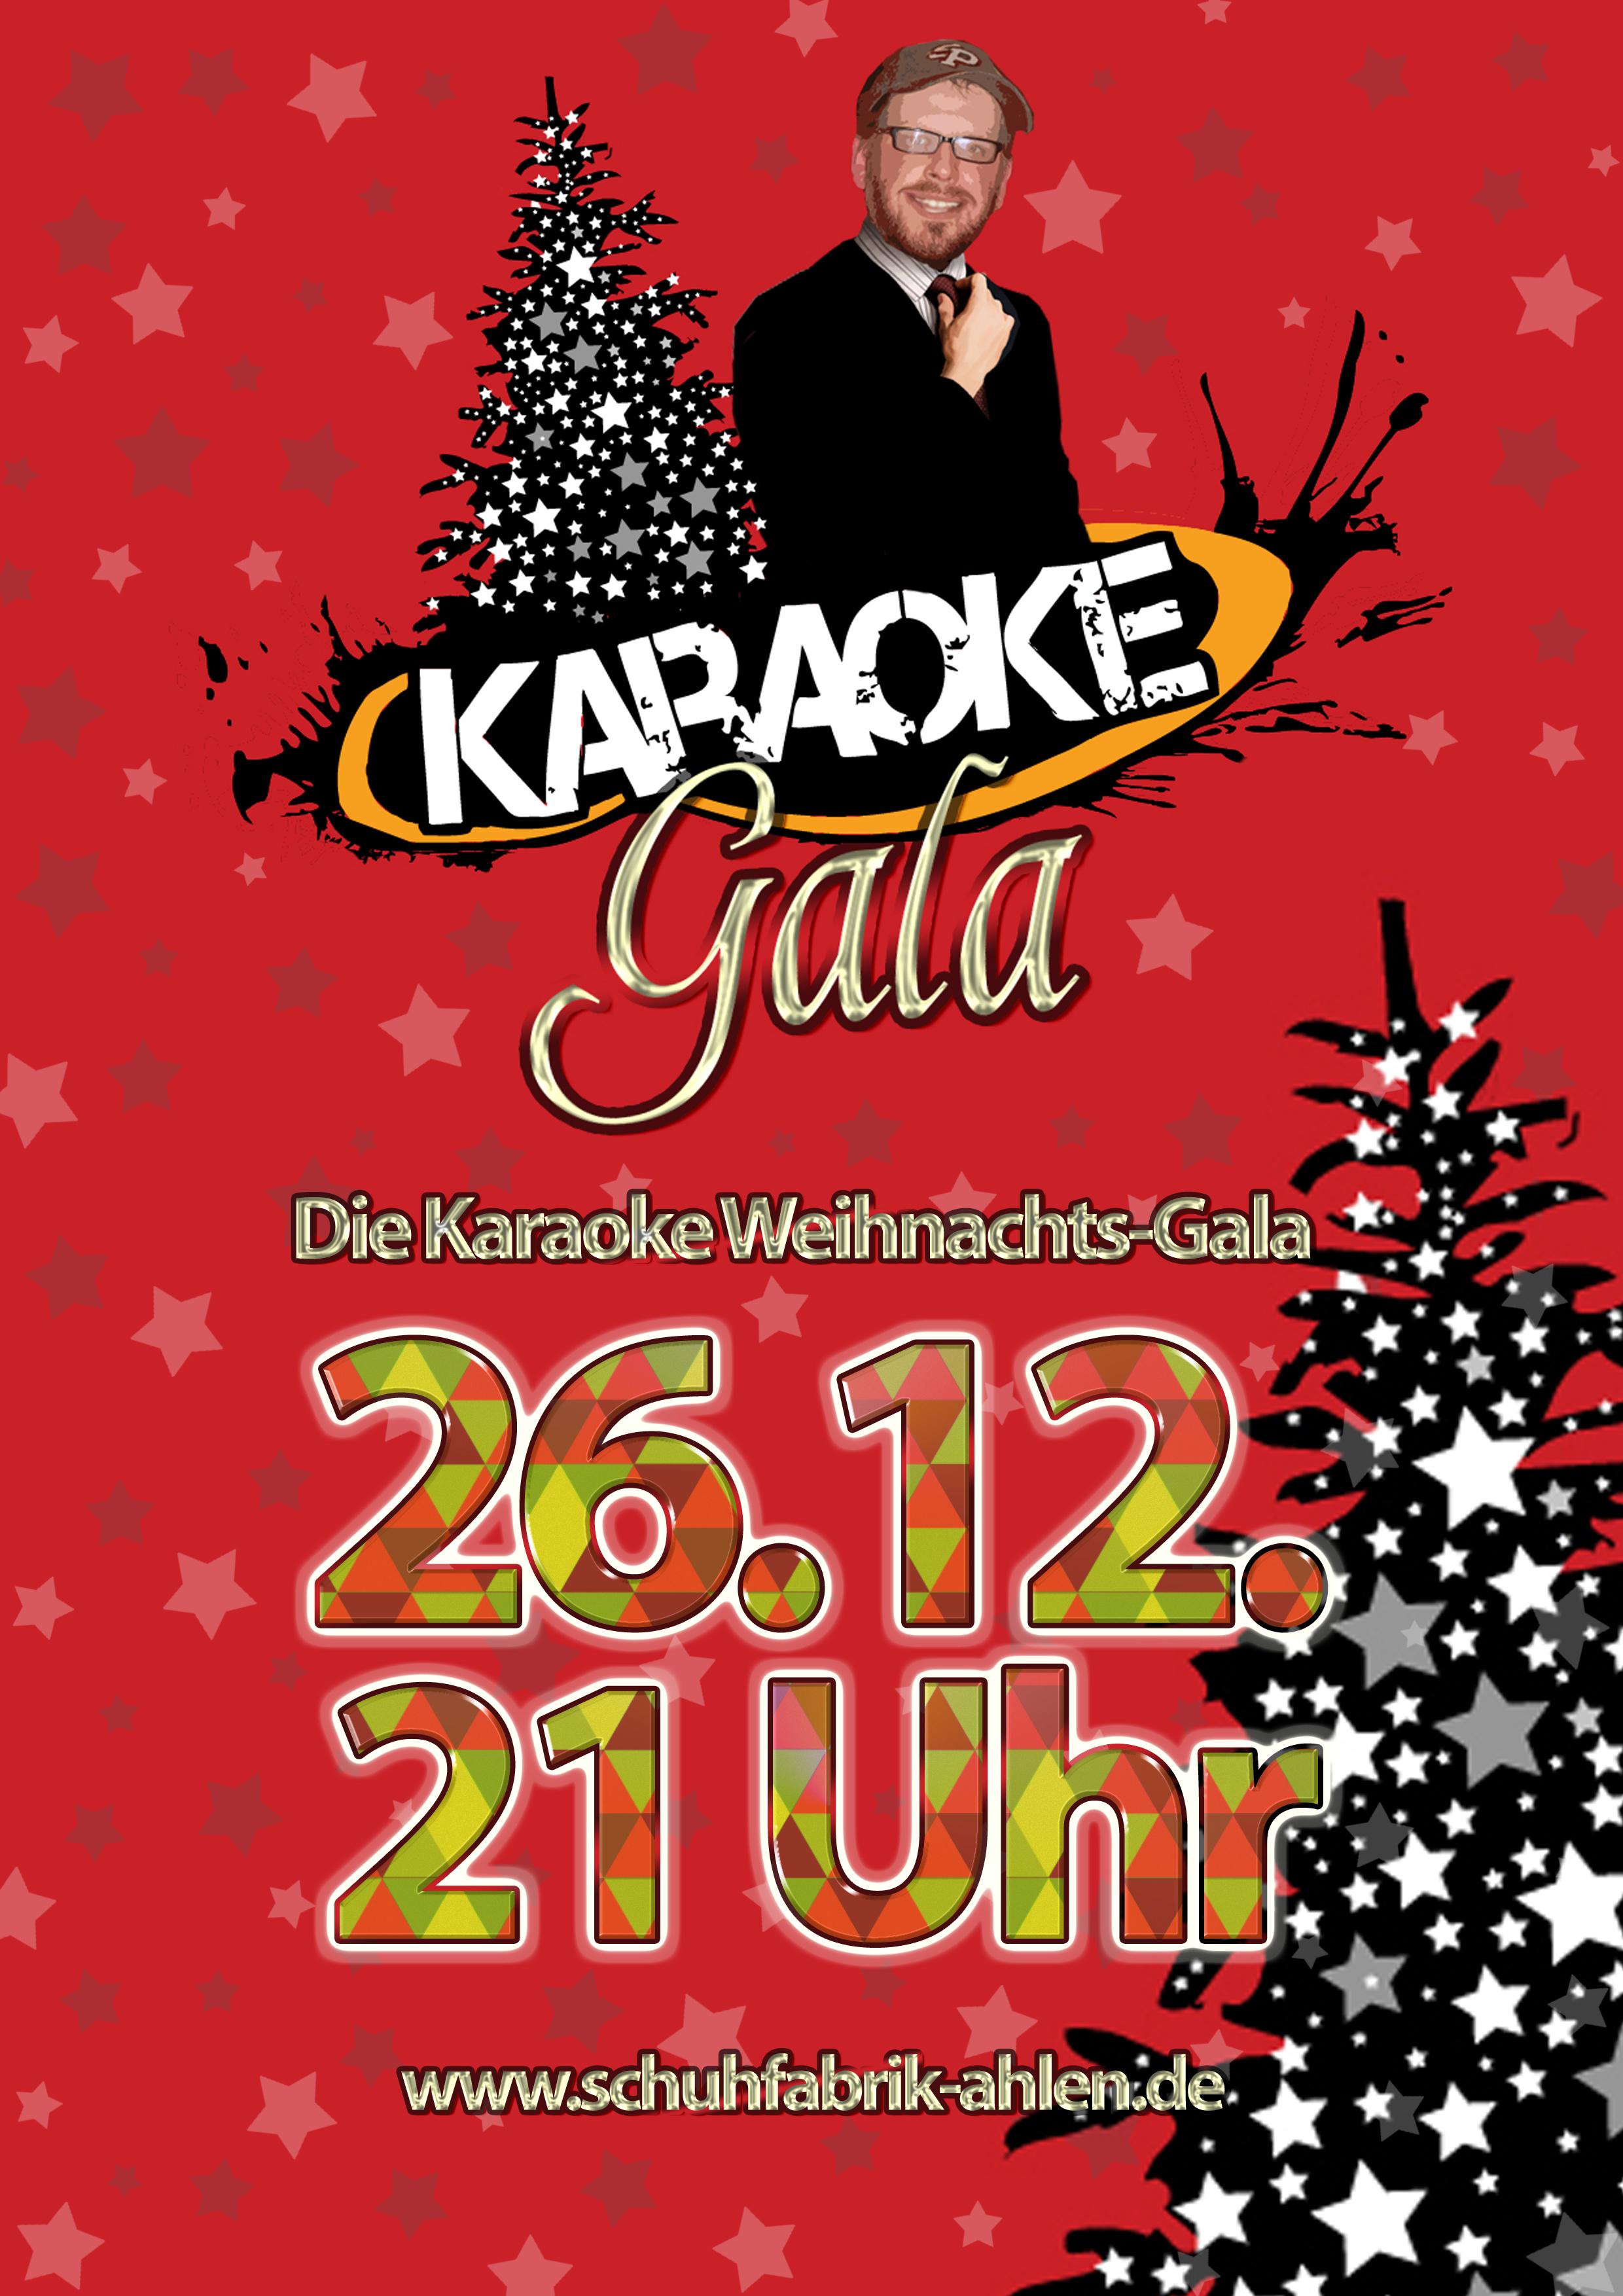 Karaoke Weihnachtsgala zum Mitsingen! | Schuhfabrik Ahlen